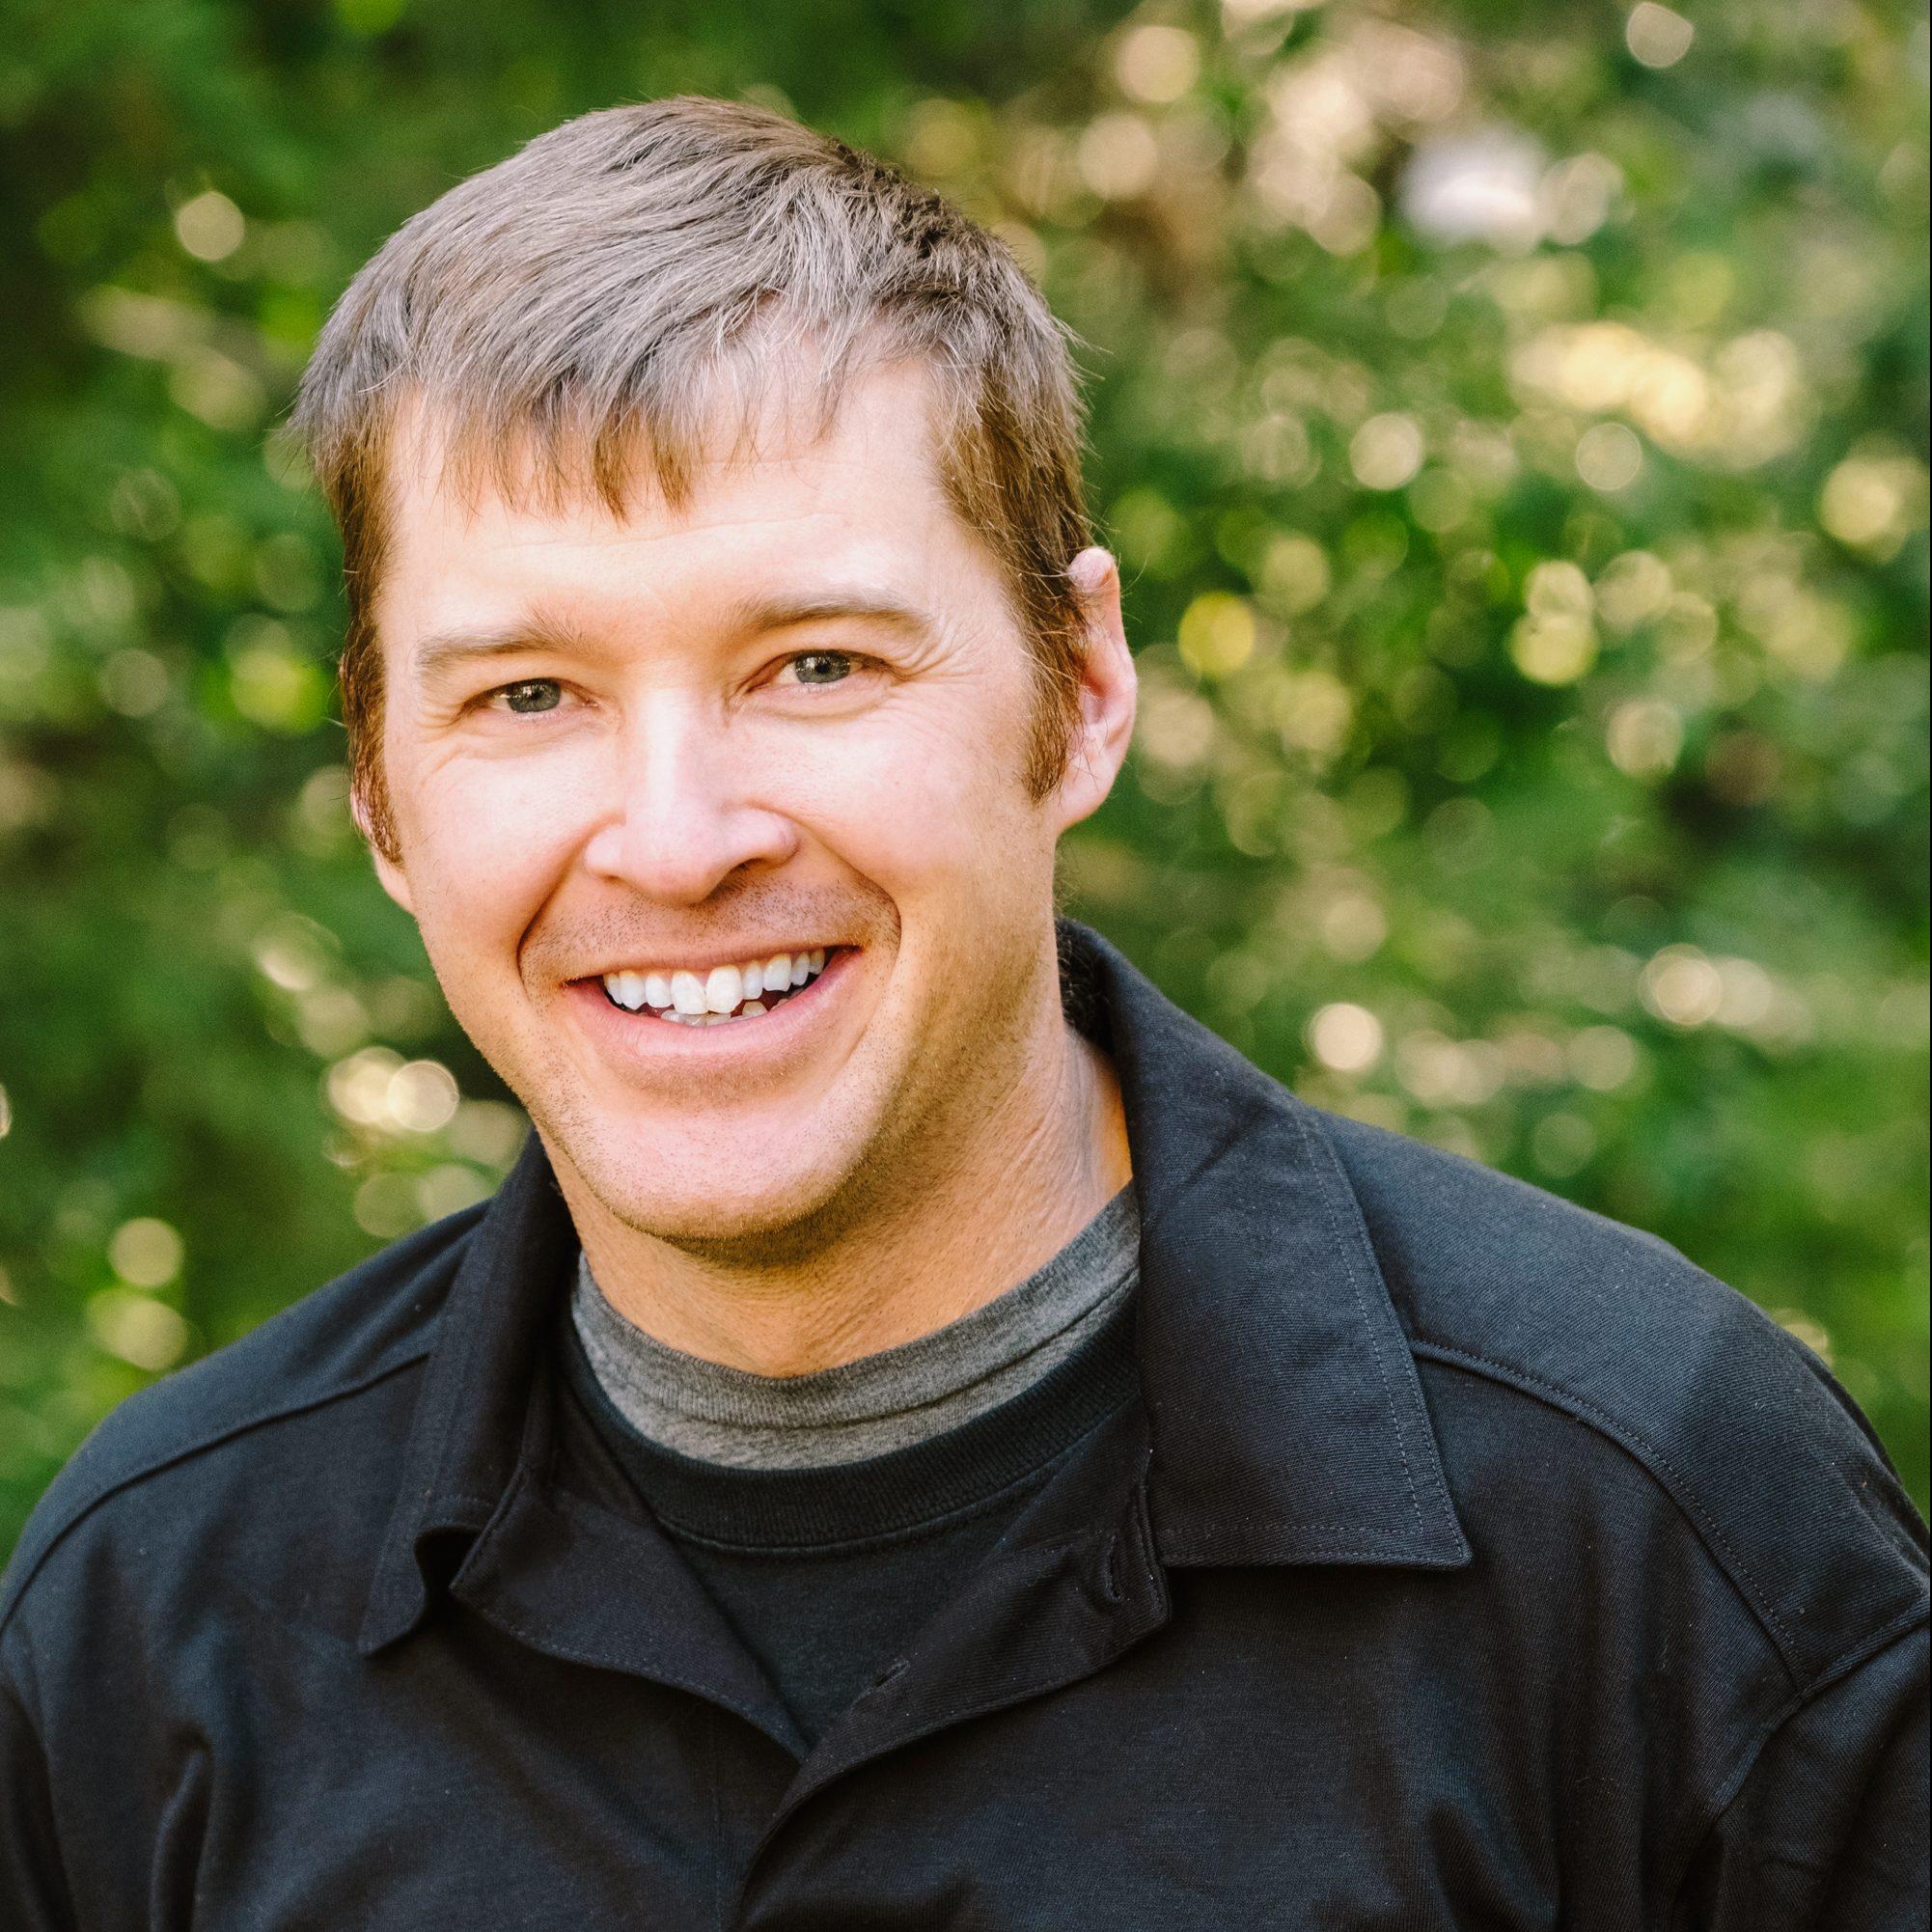 Matt Carruthers